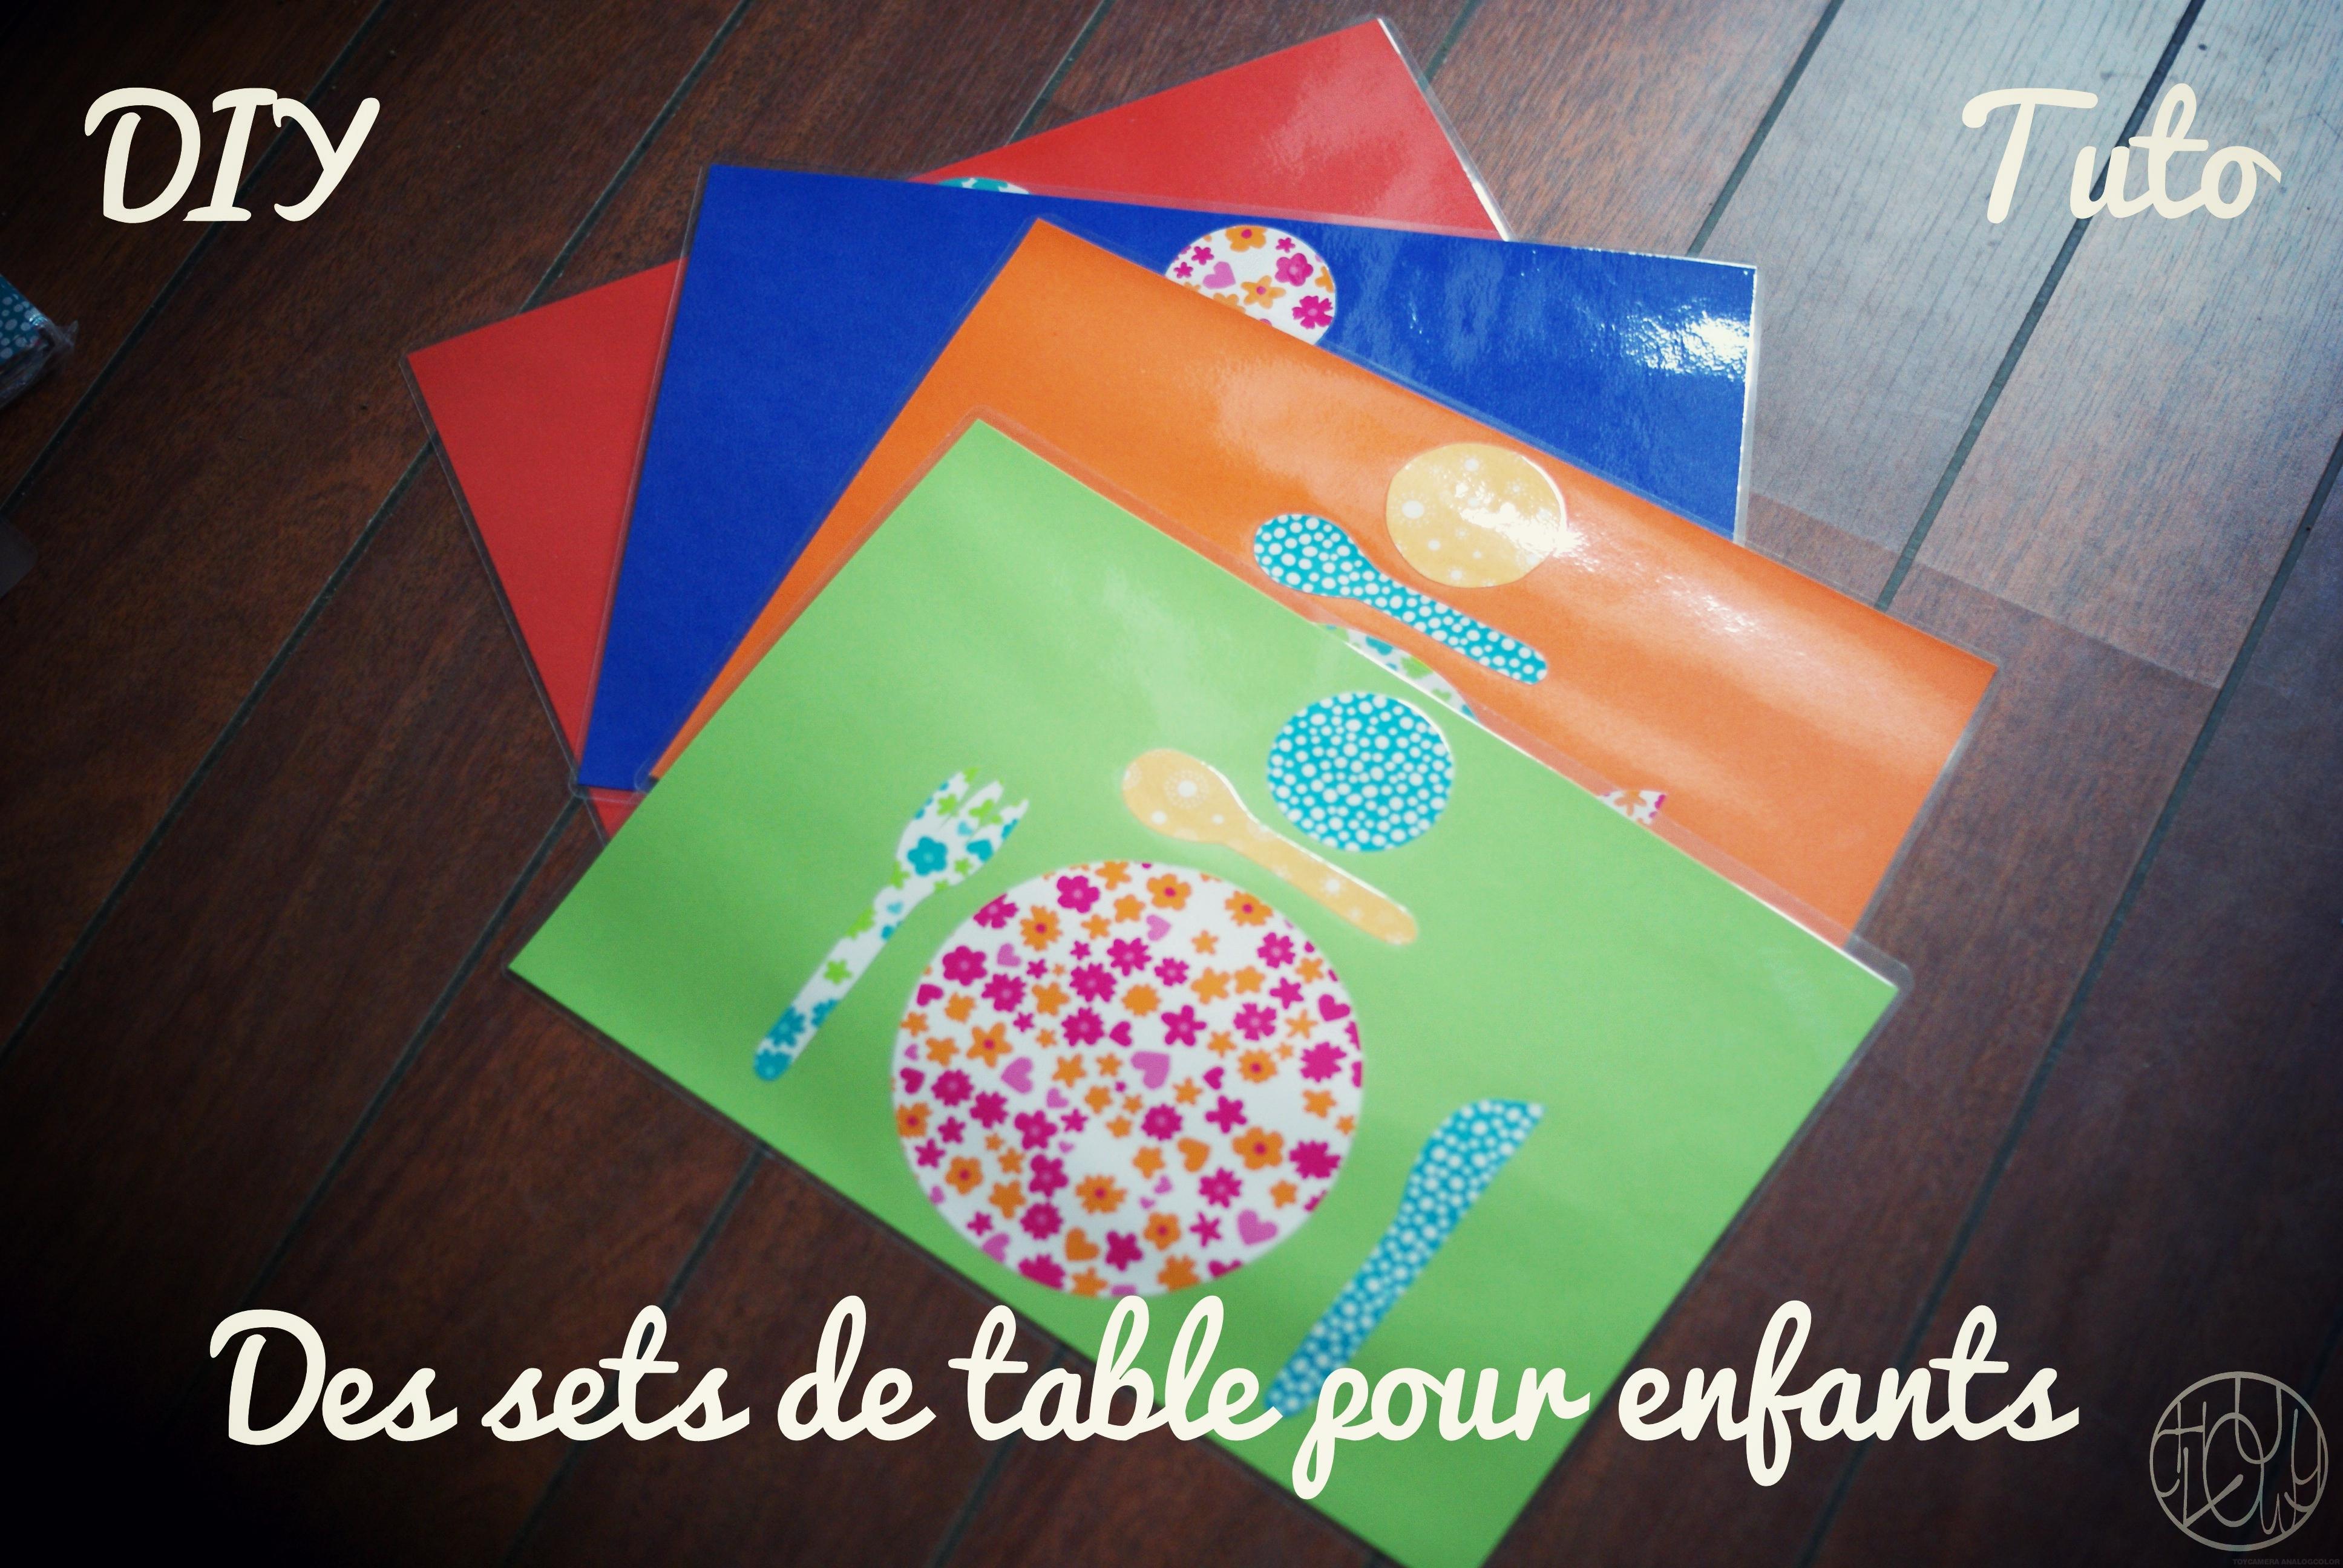 Diy Tutoriel Des Sets De Table Montessori Dans Ma Petite Roulotte